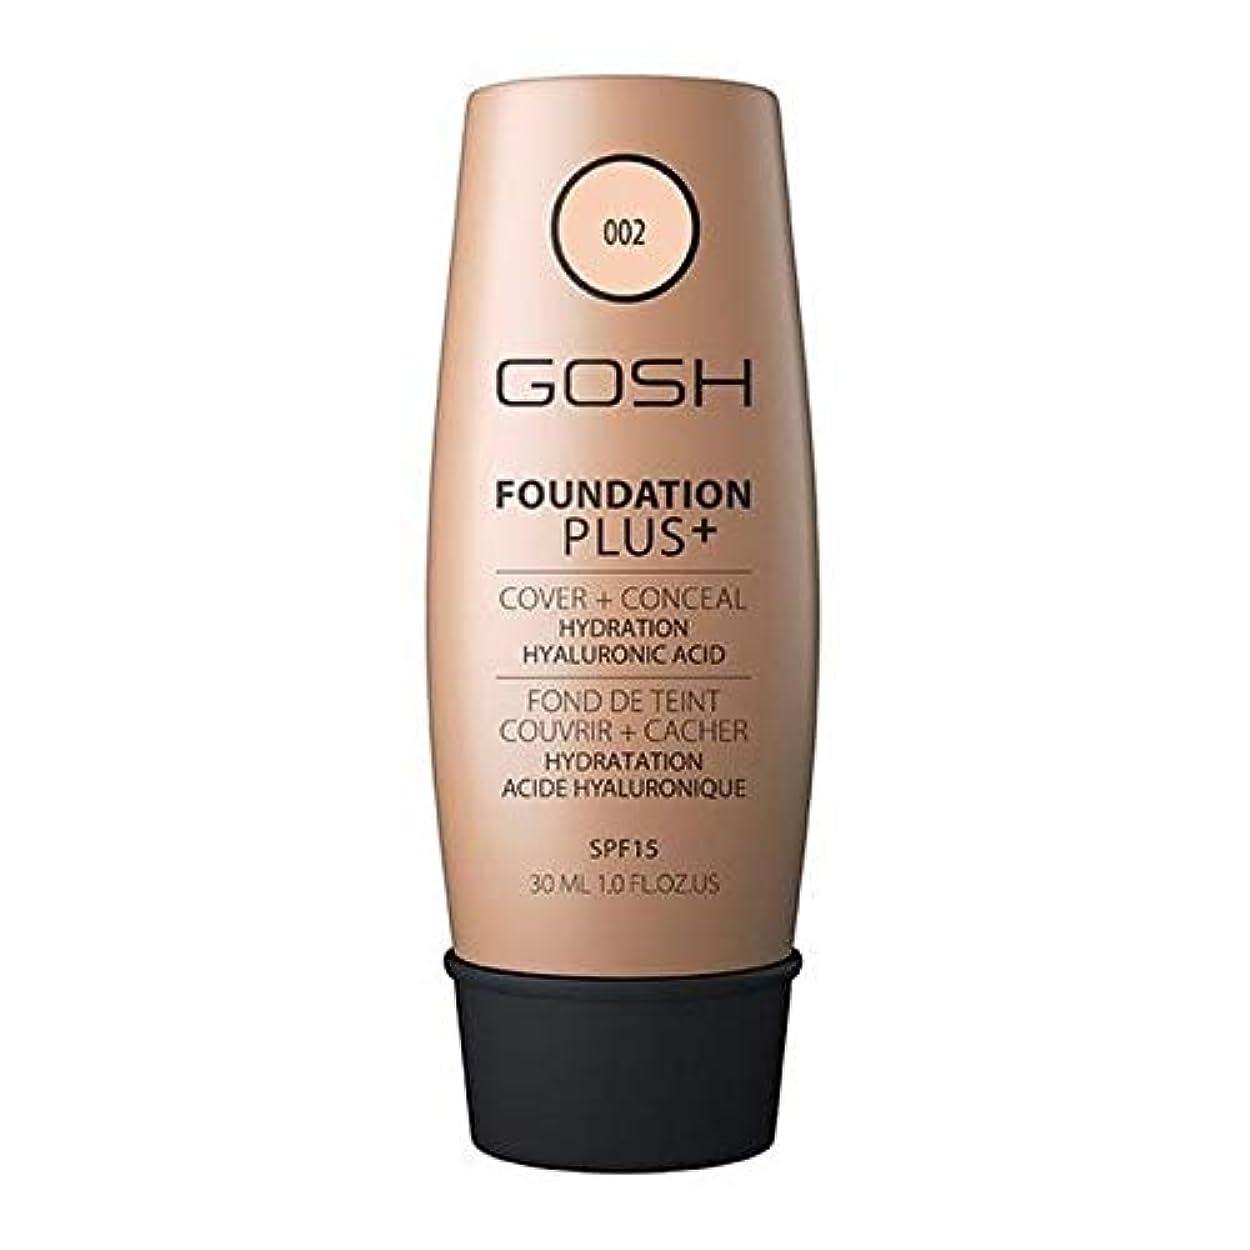 医薬品泣き叫ぶその他[GOSH ] おやっ基礎プラス+アイボリー002 - Gosh Foundation Plus+ Ivory 002 [並行輸入品]